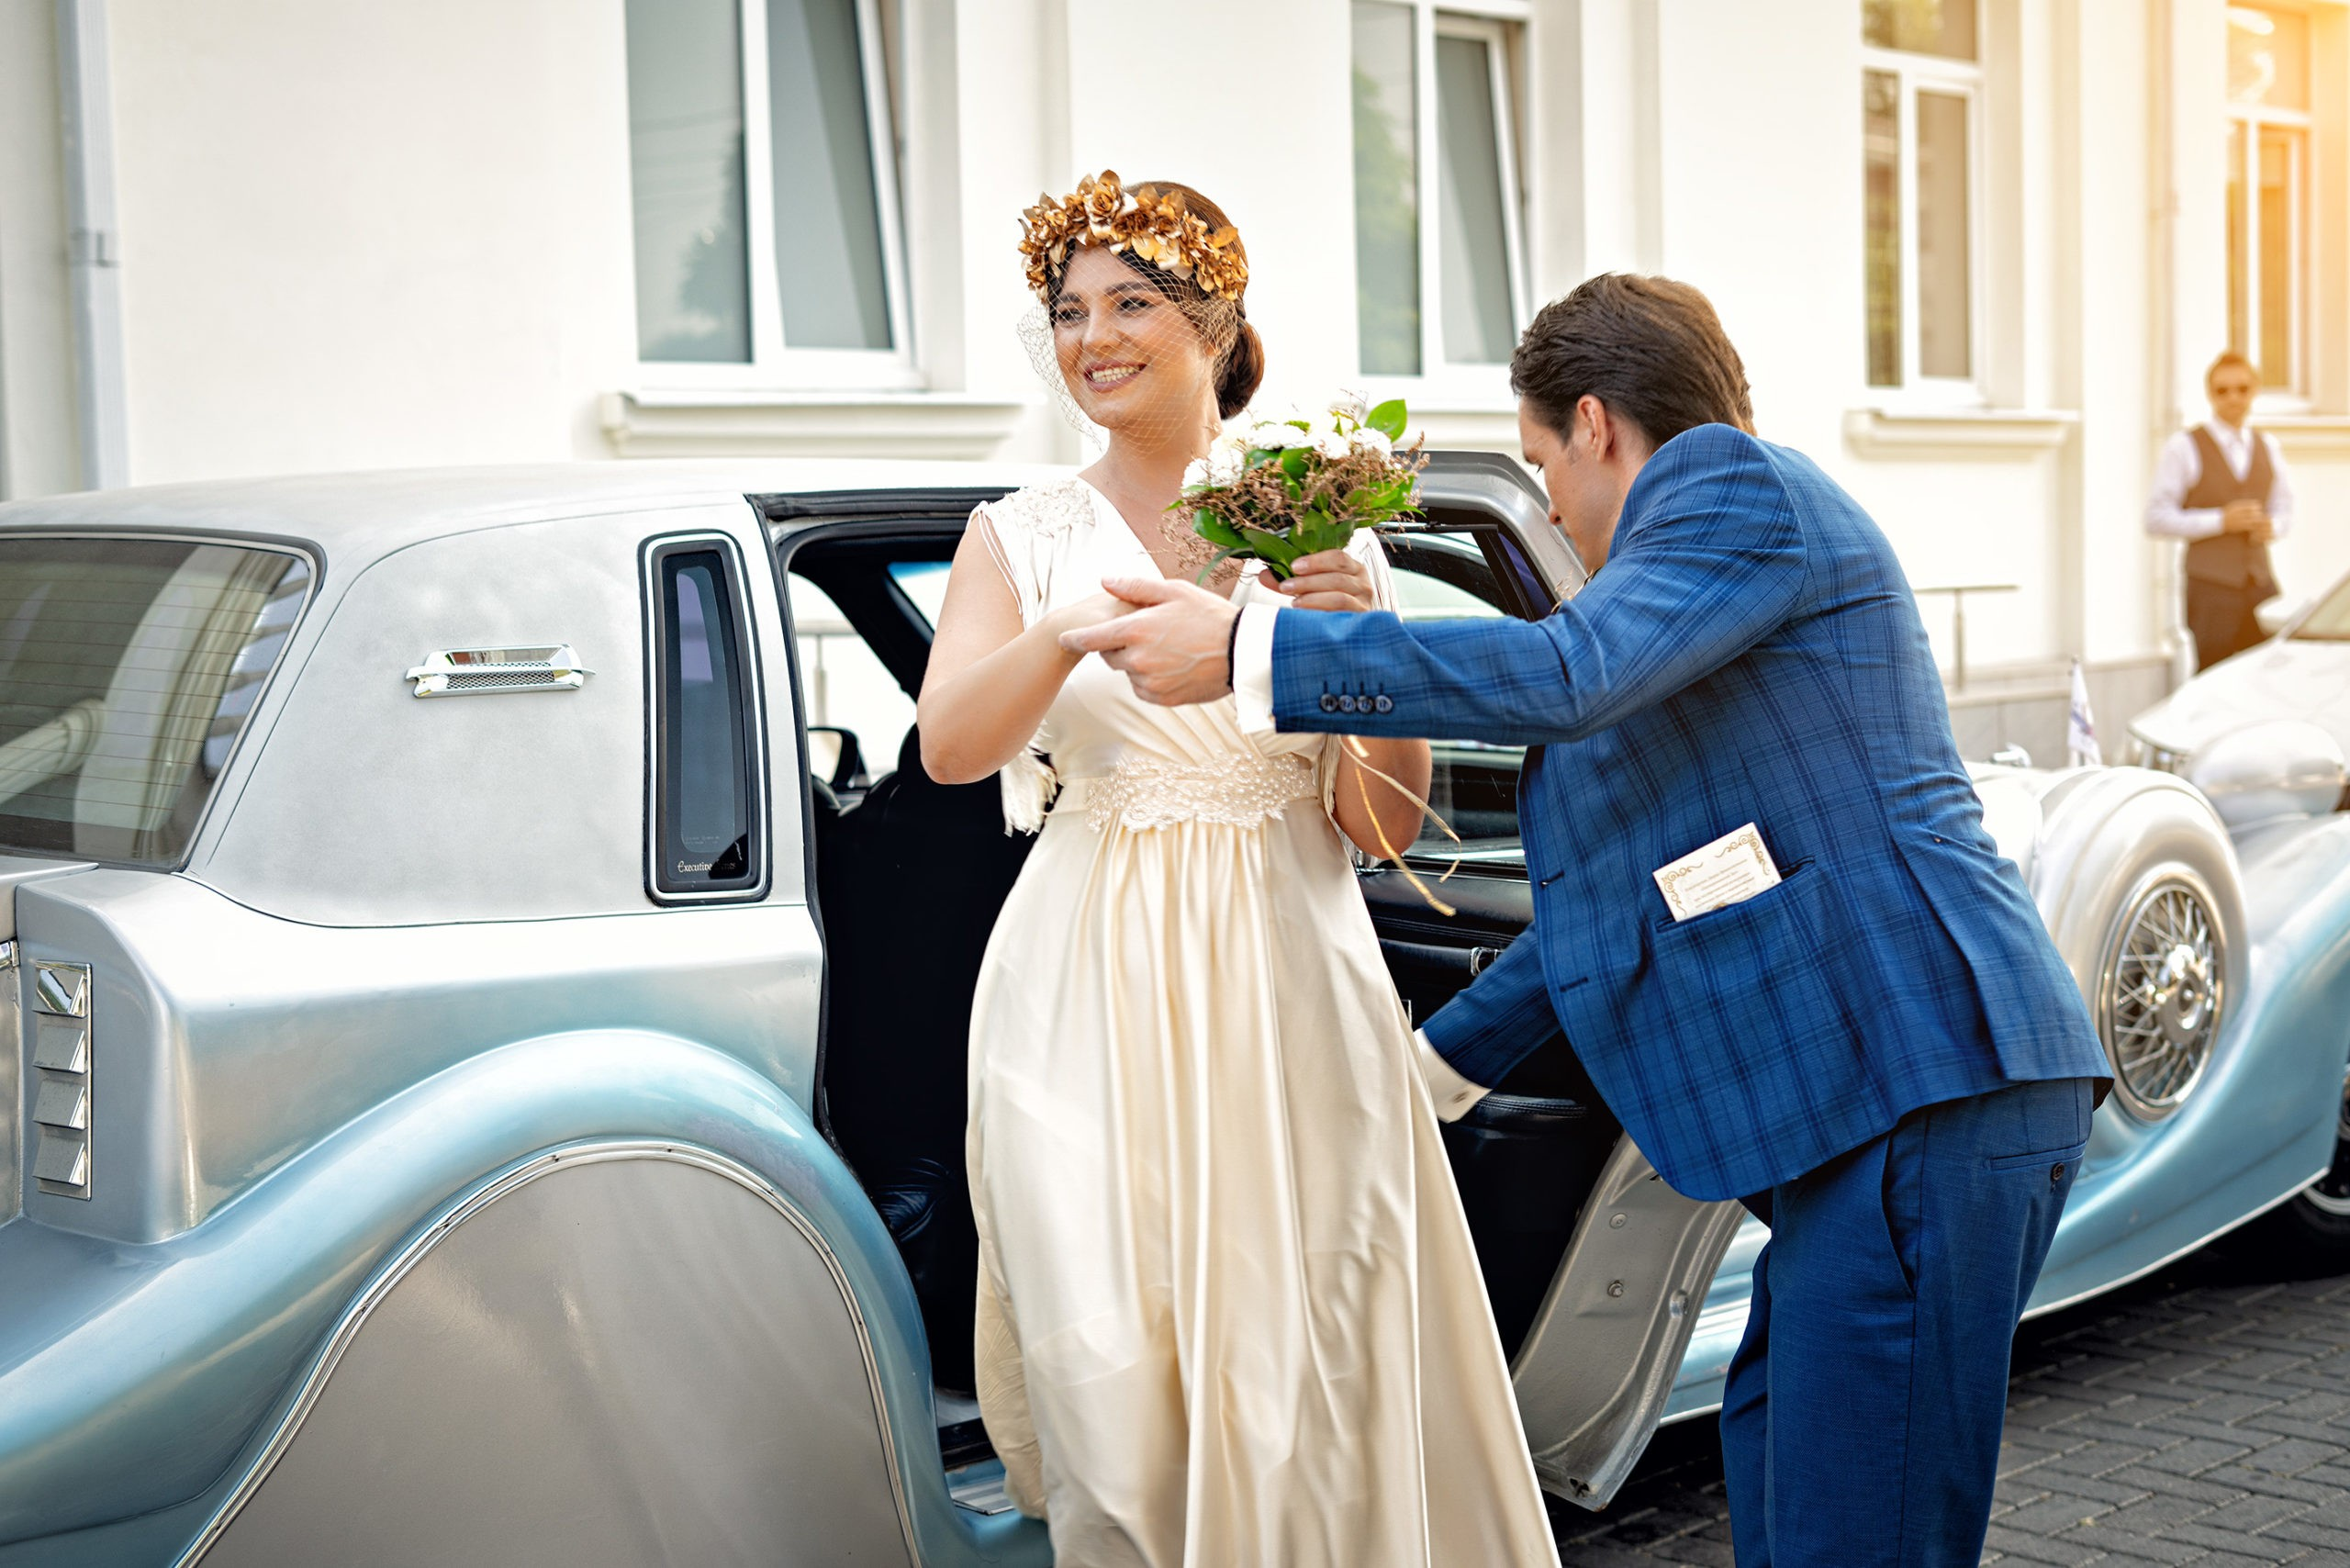 Счастливая невеста у Екатерининского зала. Ретро автомобиль Rolls-Royce Phantom